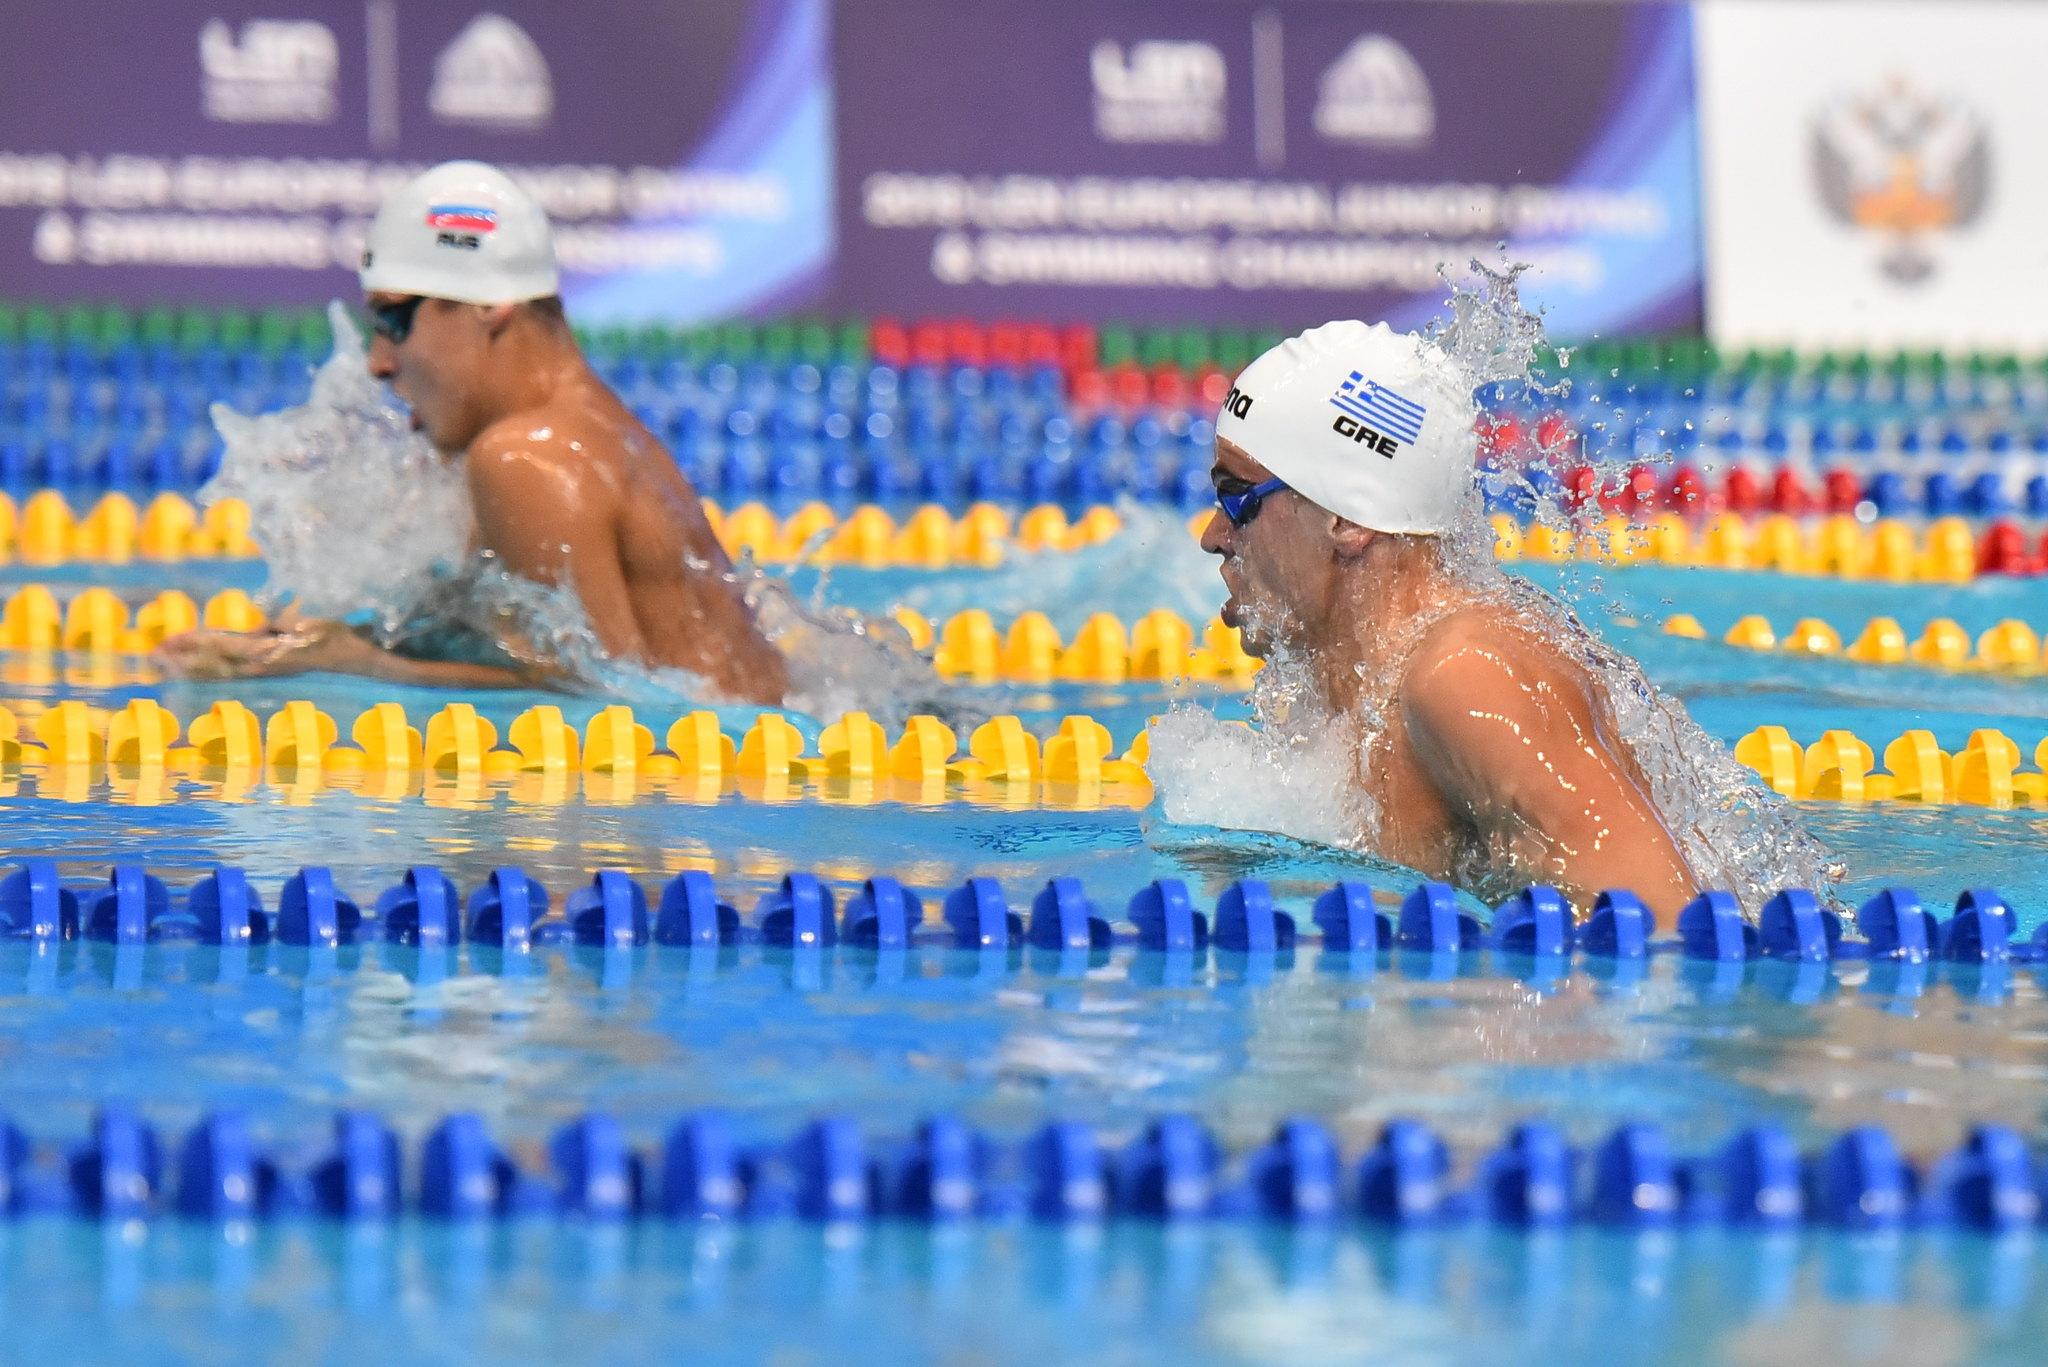 Чемпионат Европы по плаванию пройдет в Казани 2-7 ноября